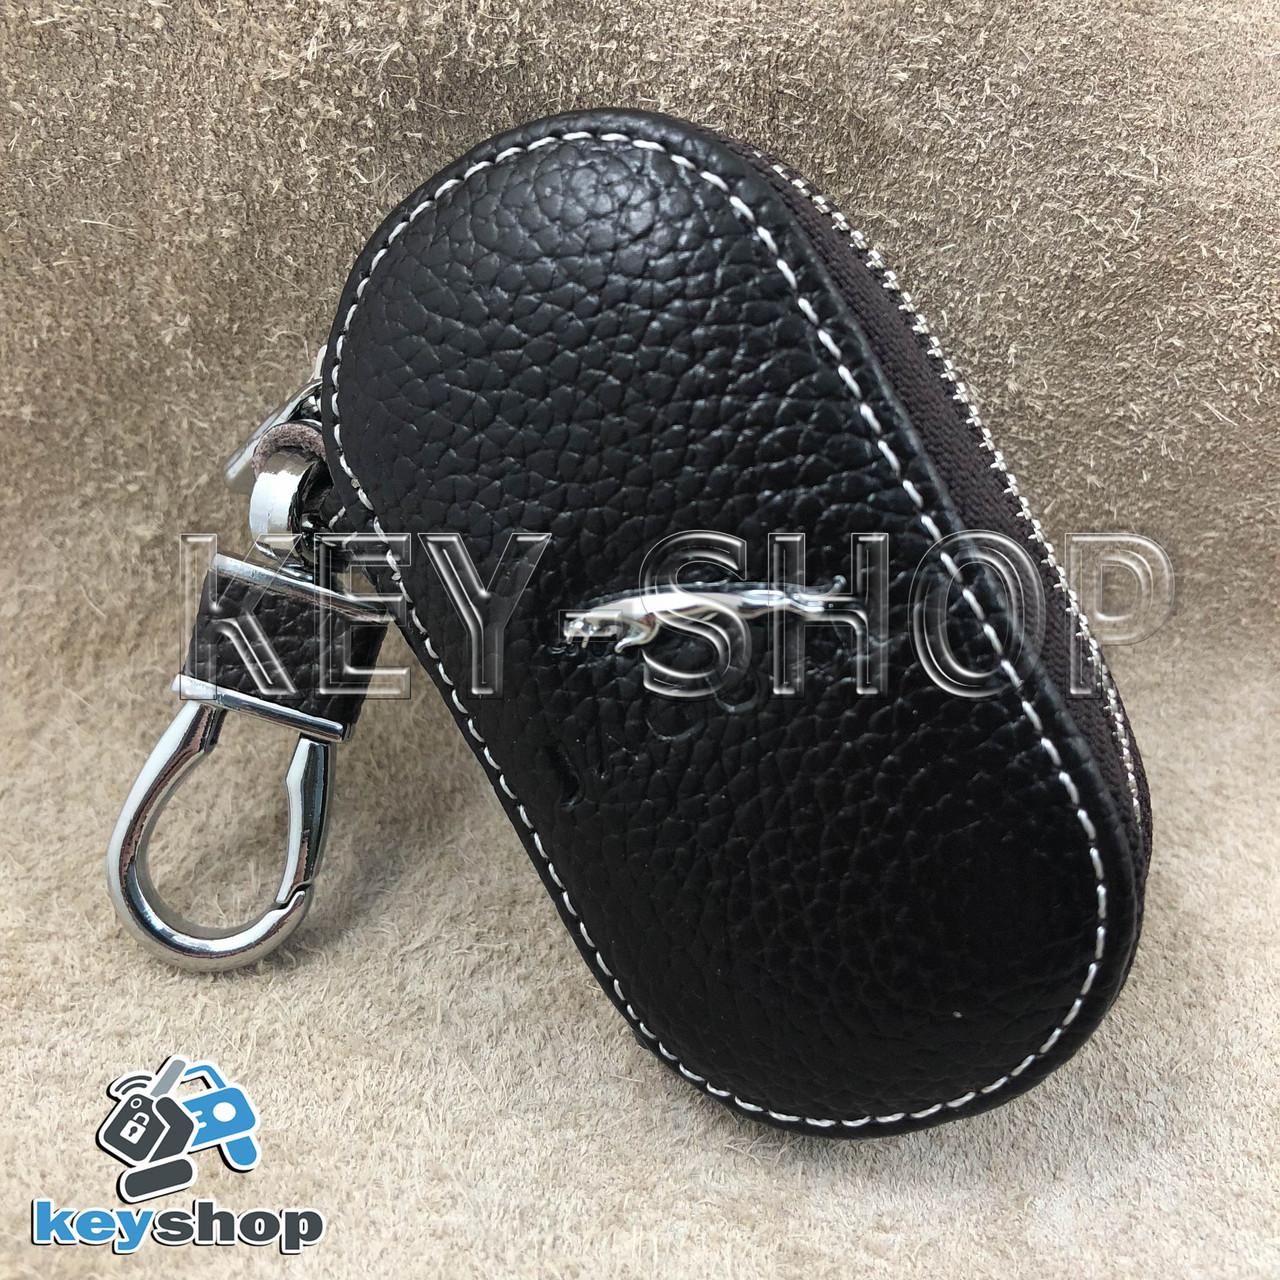 Ключница карманная (кожаная, коричневая, на молнии, с карабином, с кольцом), логотип авто Jaguar (Ягуар)